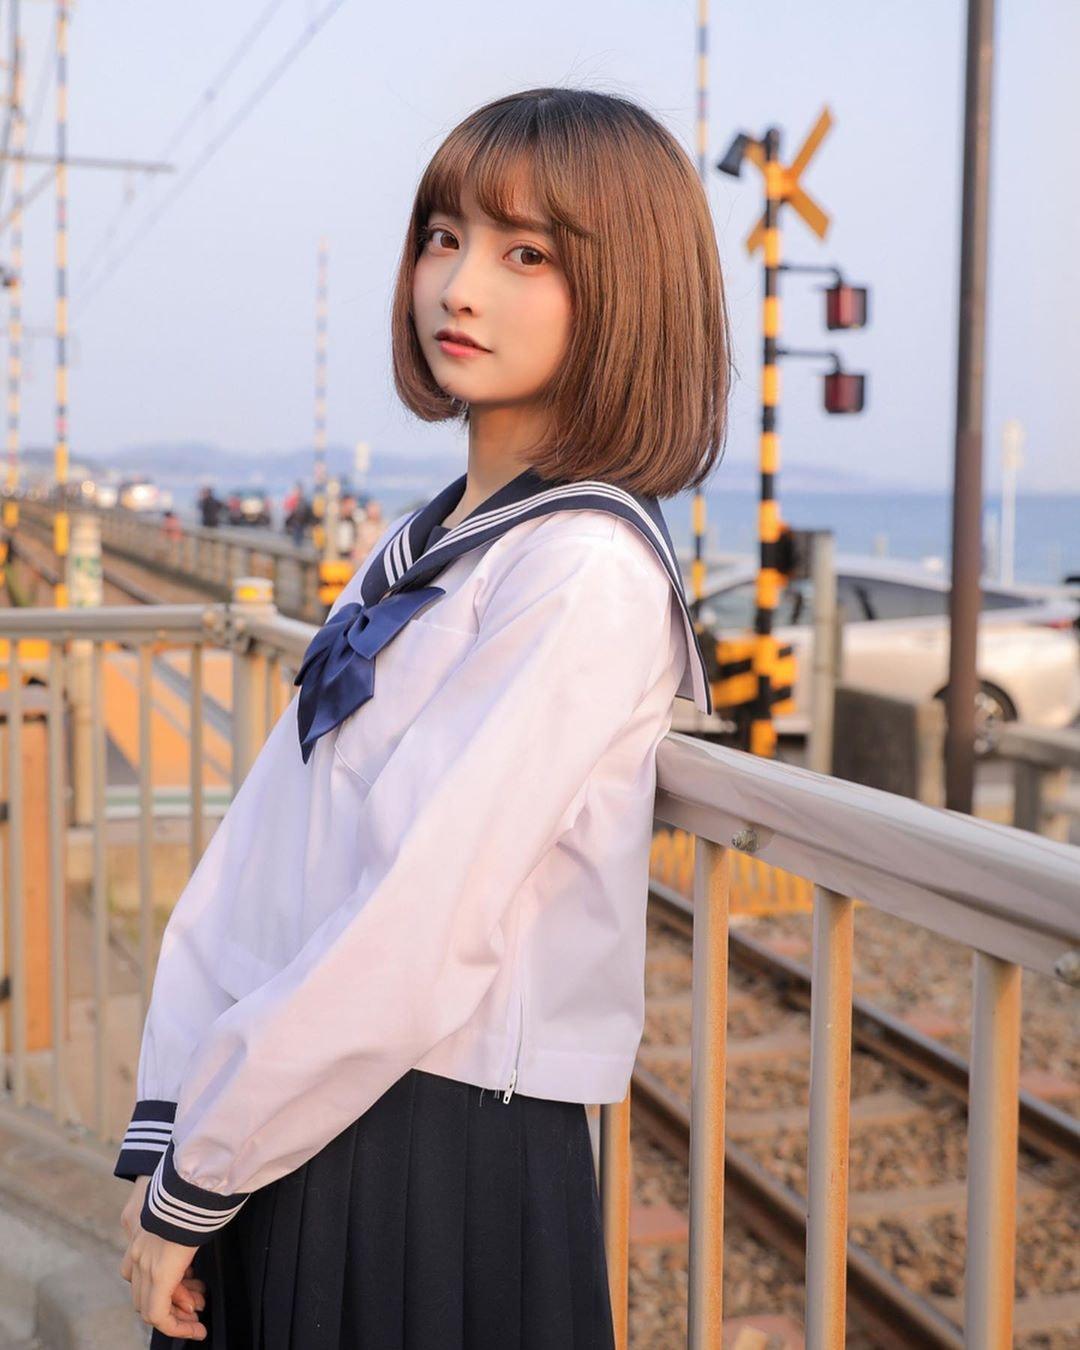 短髮女子高中生